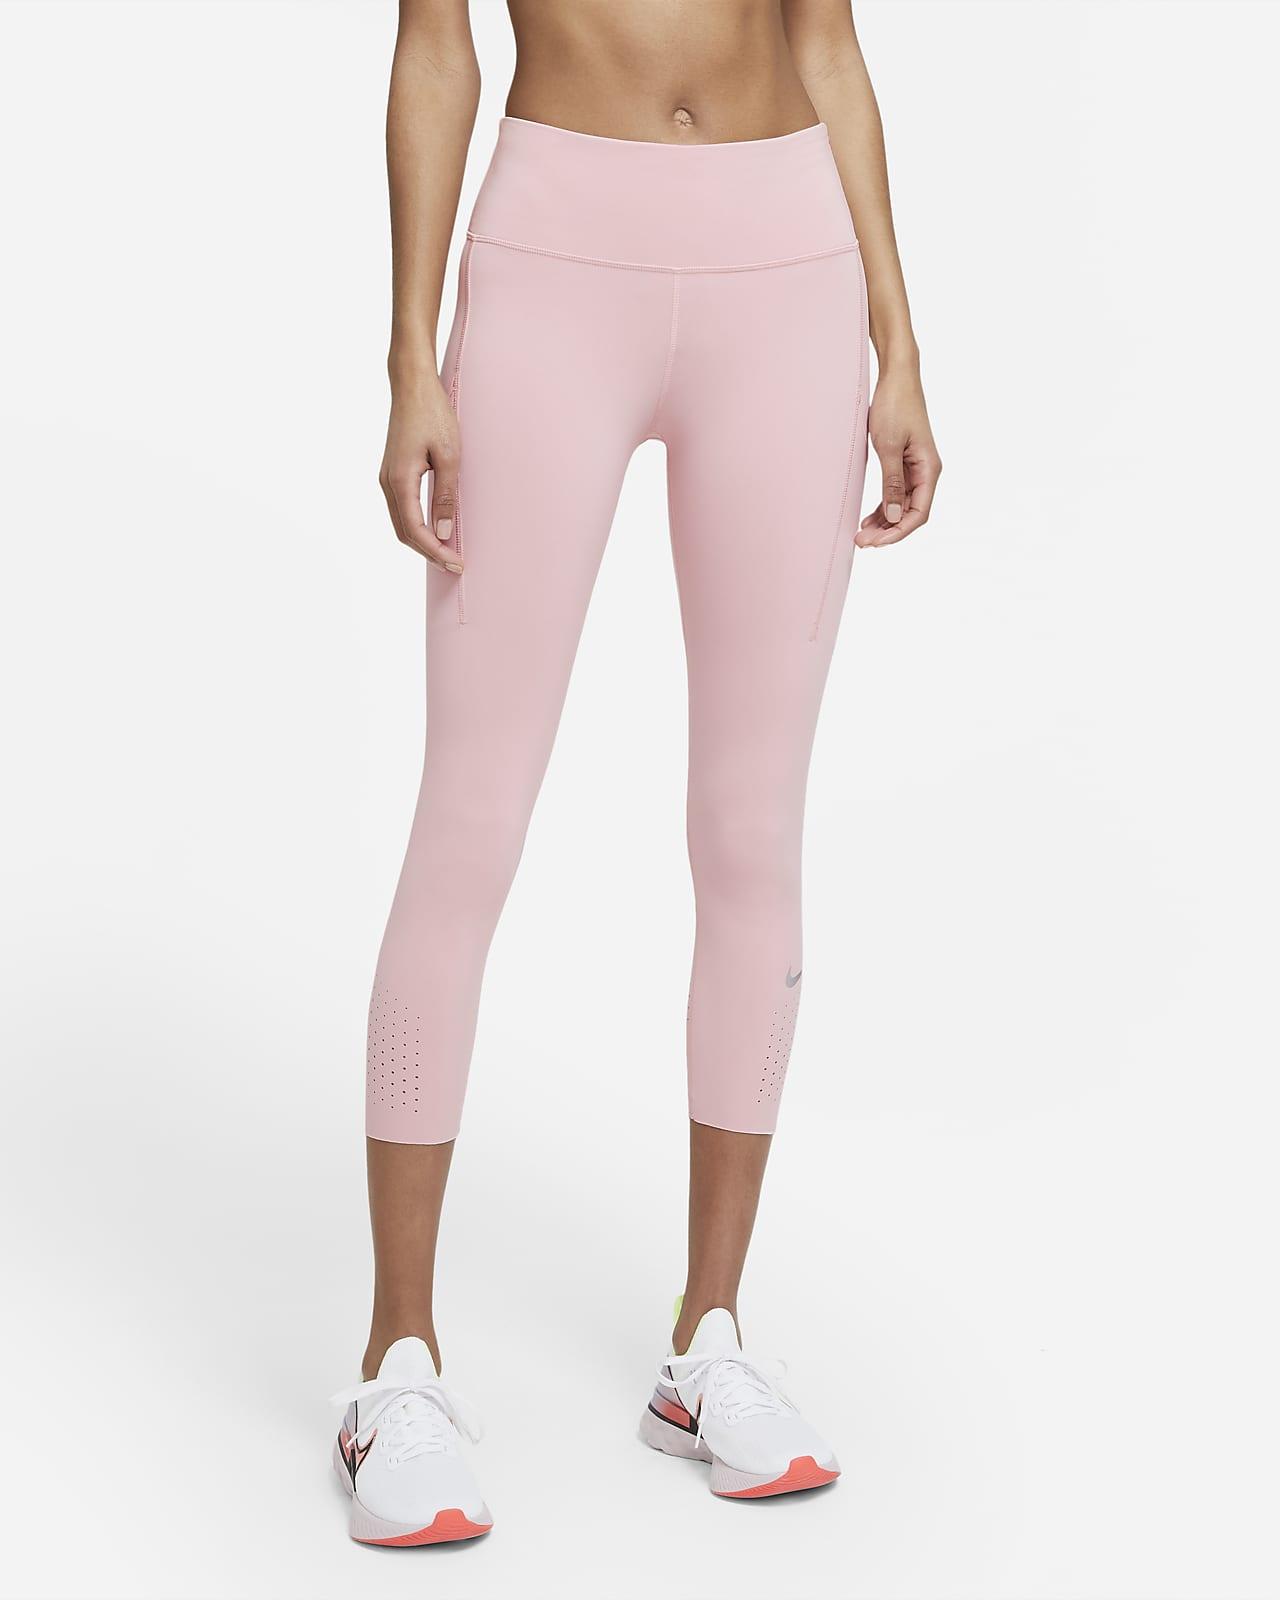 Женские укороченные леггинсы для бега со средней посадкой и карманом Nike Epic Luxe